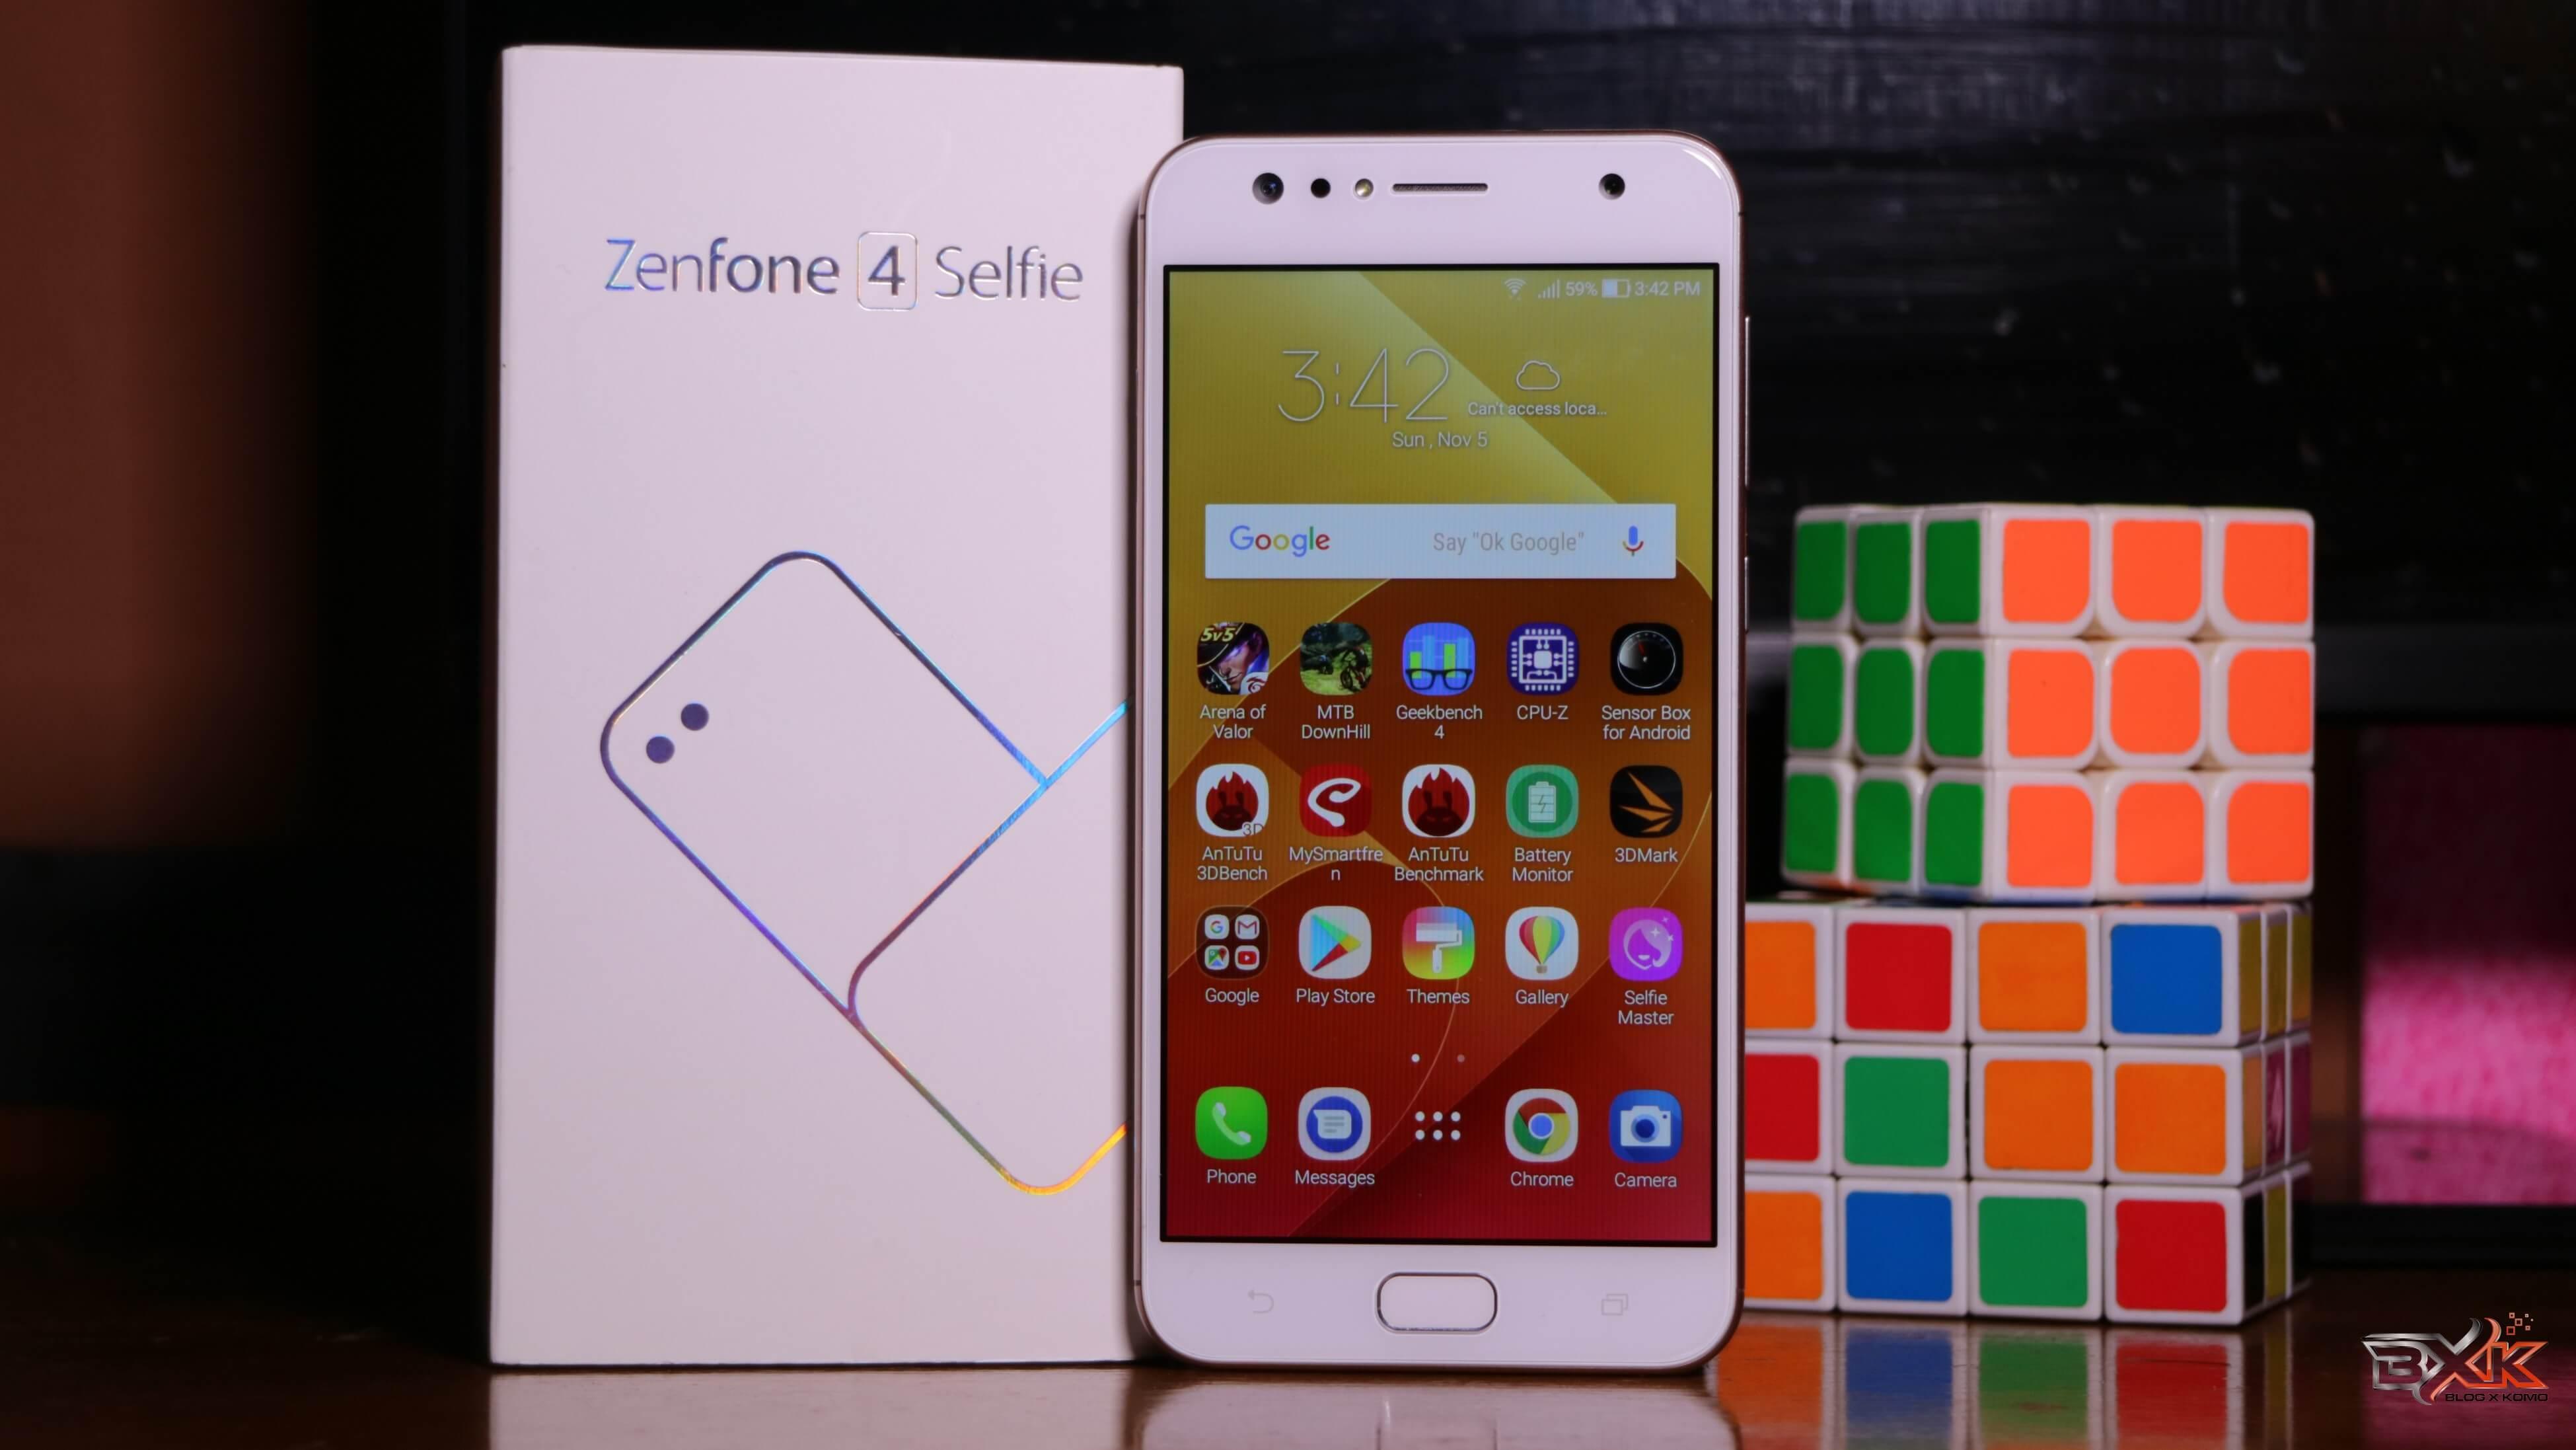 Review ASUS Zenfone 4 Selfie (ZD553KL) : HP Selfie & Wefie